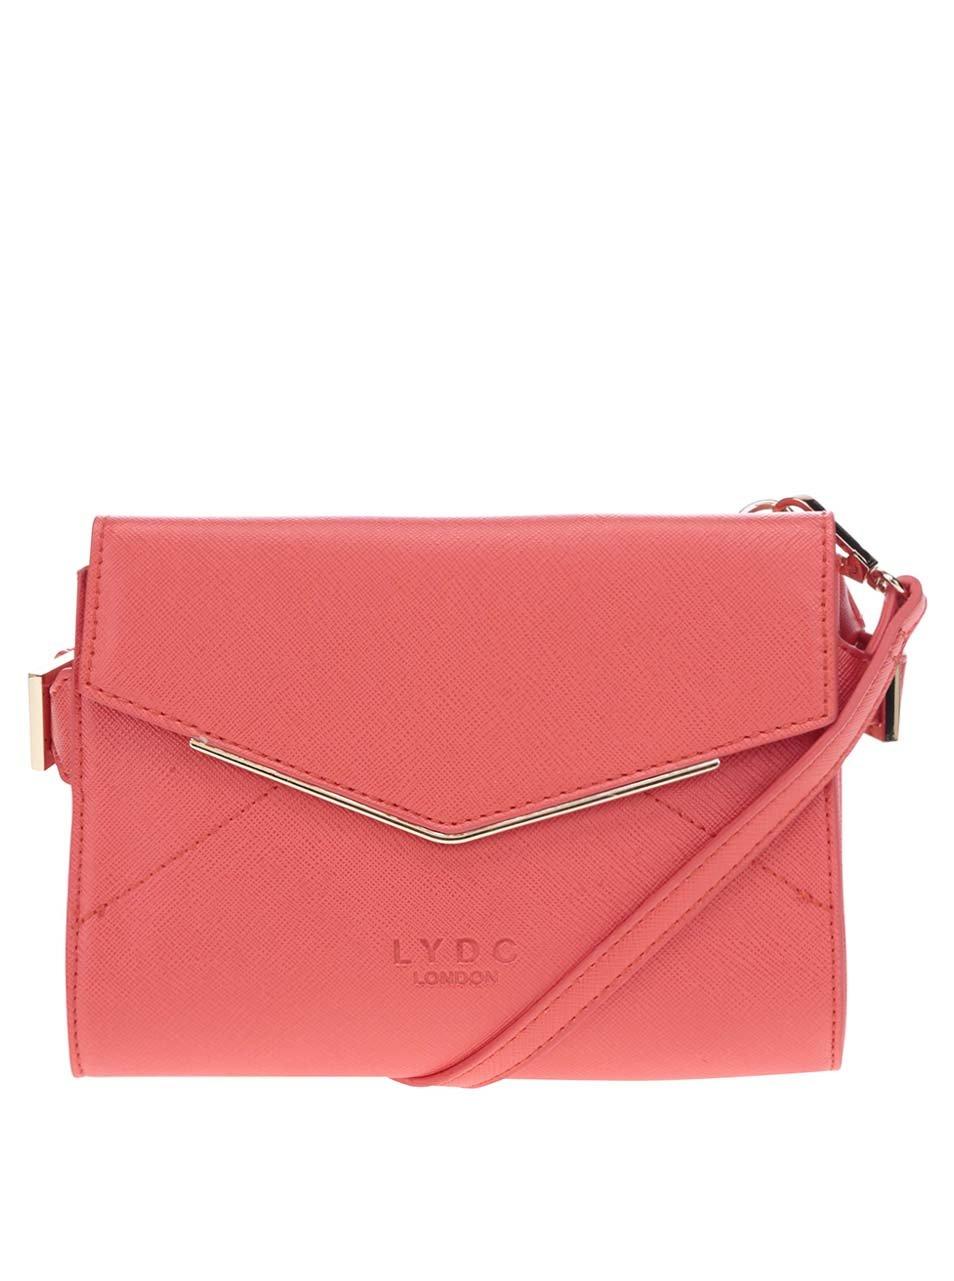 Červená crossbody kabelka s detaily ve zlaté barvě LYDC